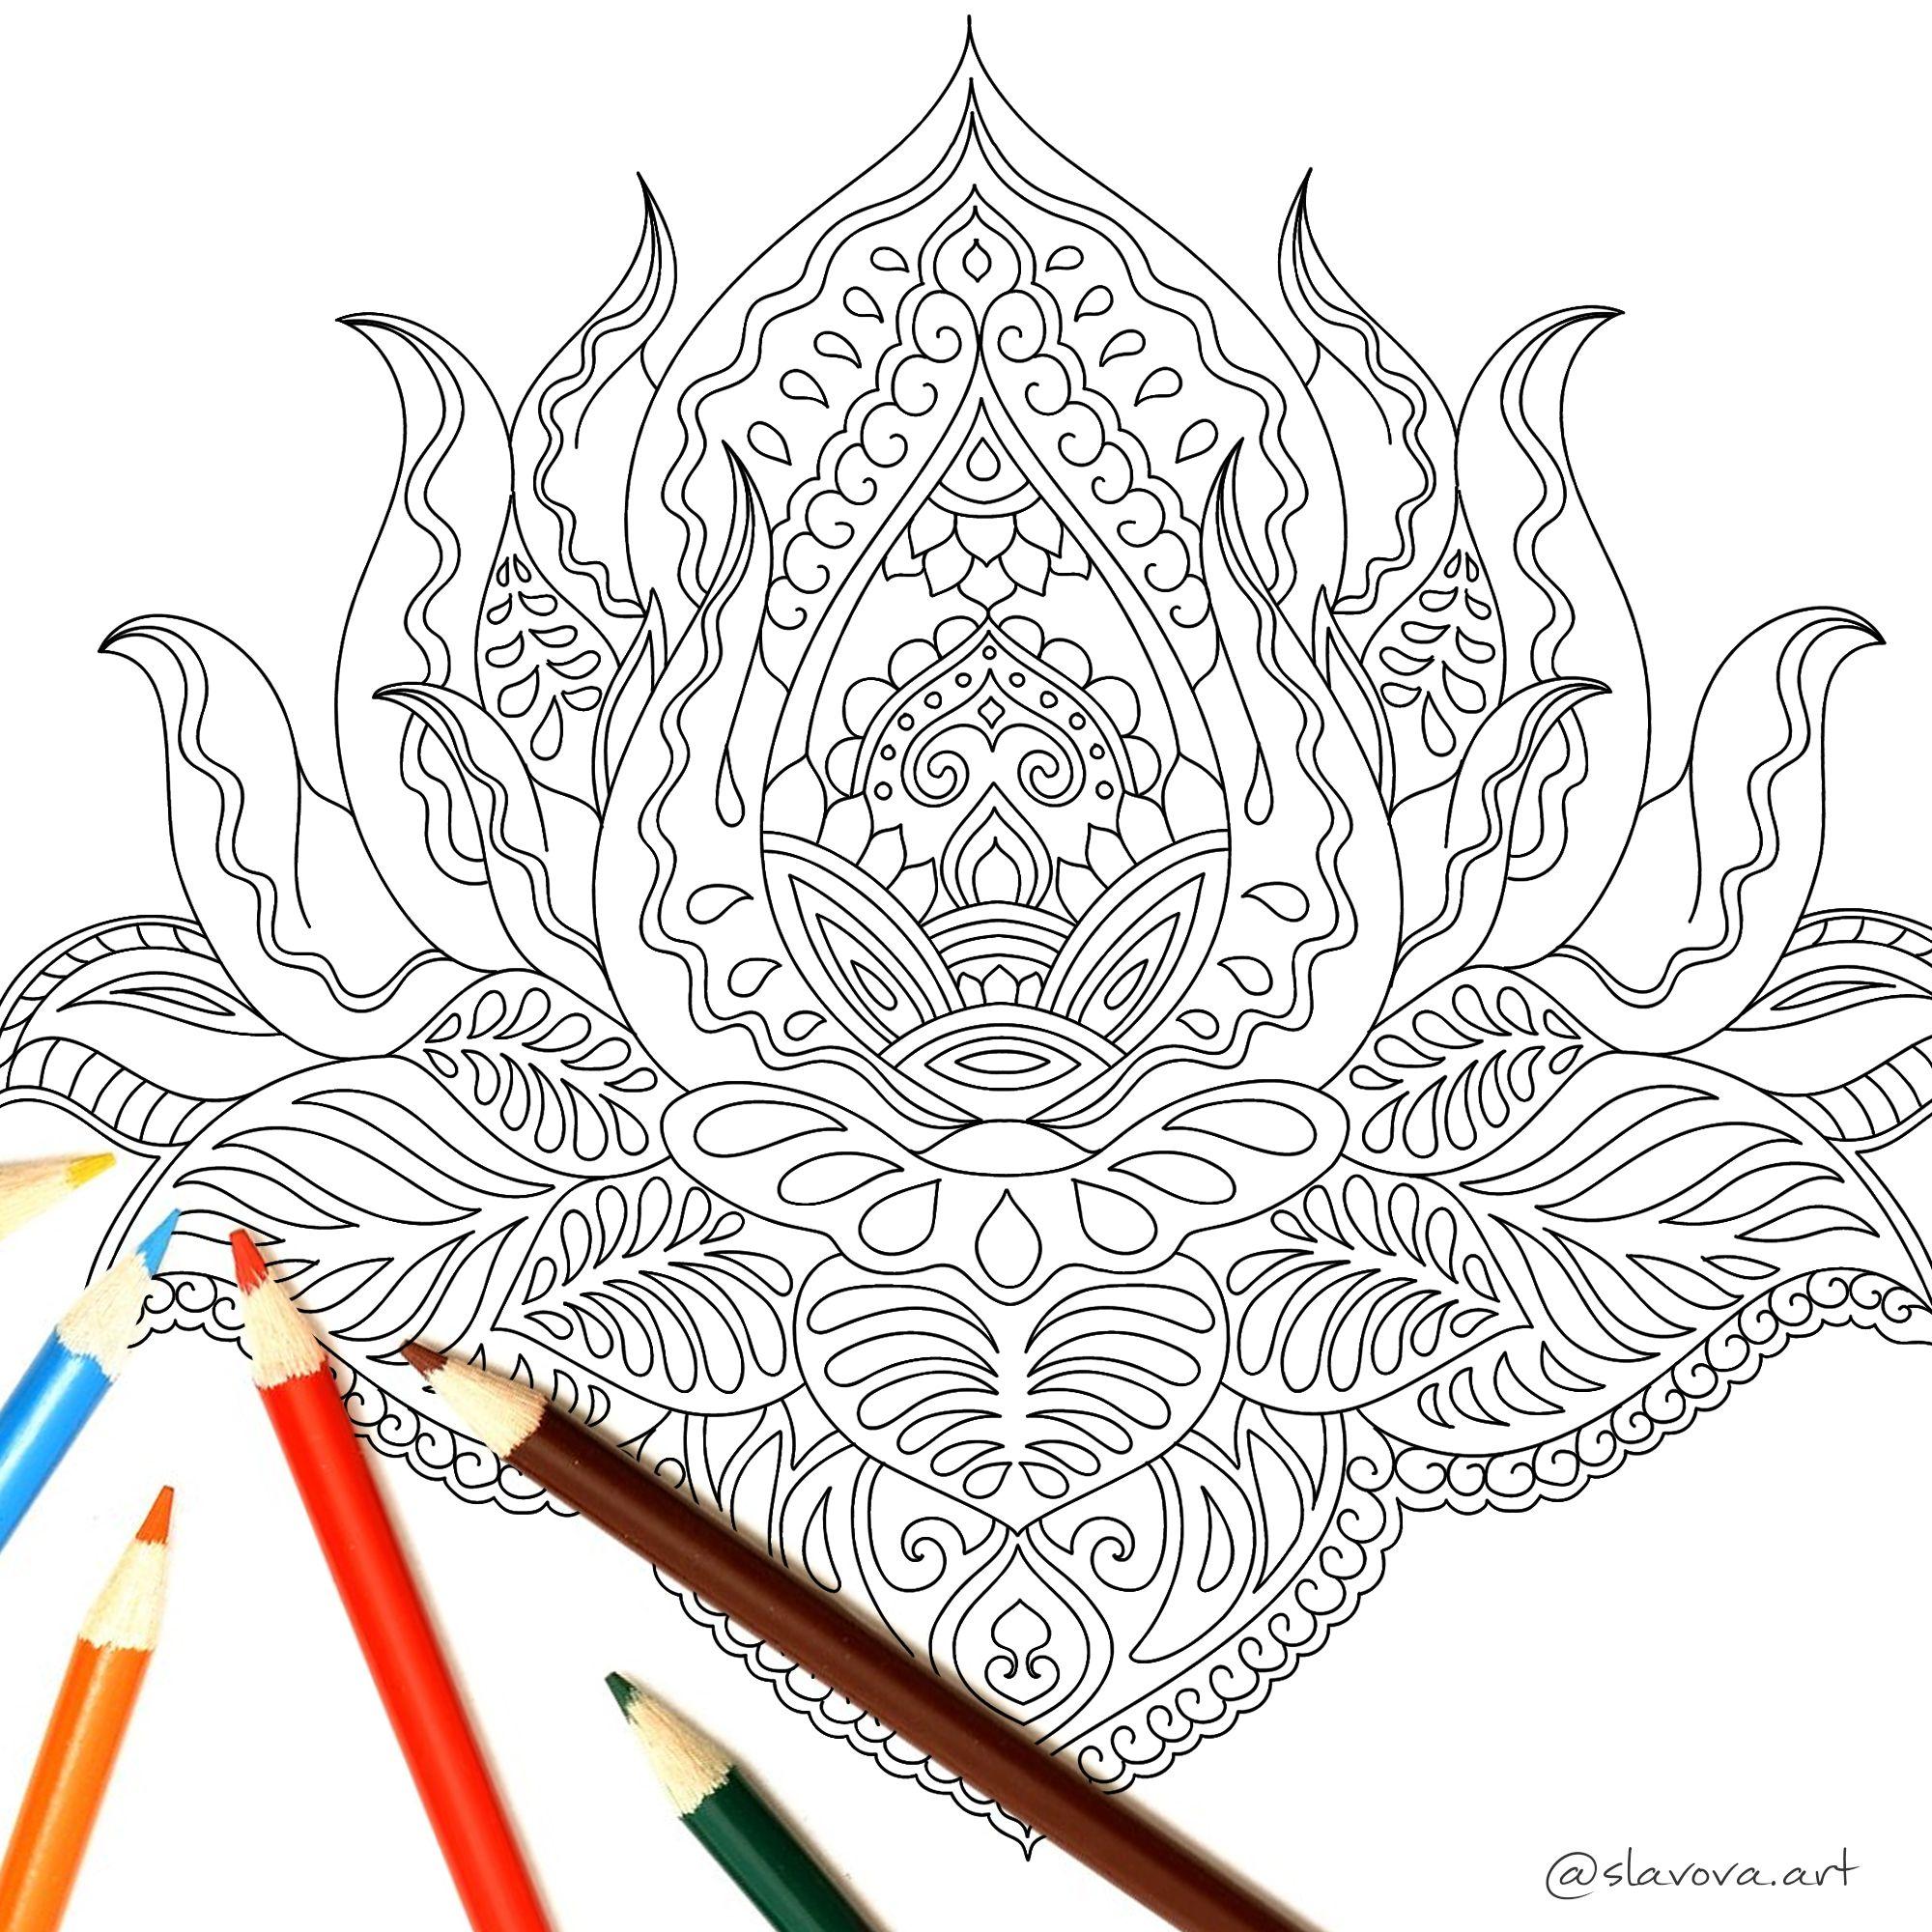 Lotus Flower From Mandala Coloring Book Www Amazon Com Dp 1720233713 Coloring Mandala Lotus Mandal Mandala Coloring Books Coloring Books Mandala Coloring